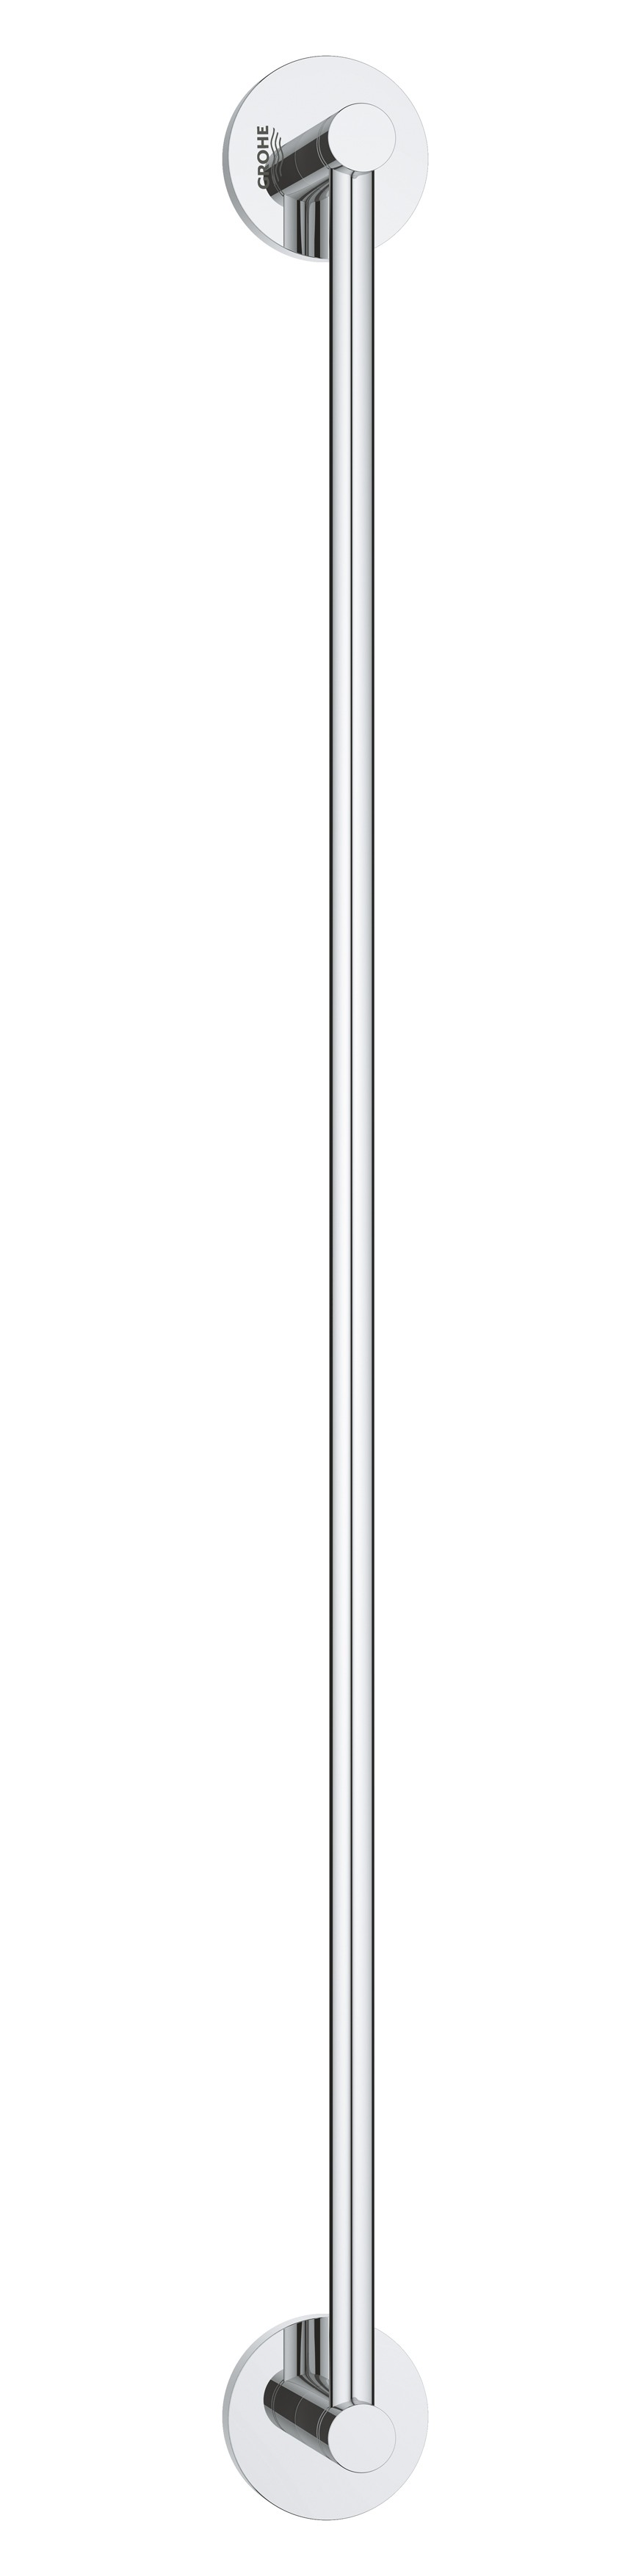 Grohe 40366001 Essentials 600мм, хром (40366001)